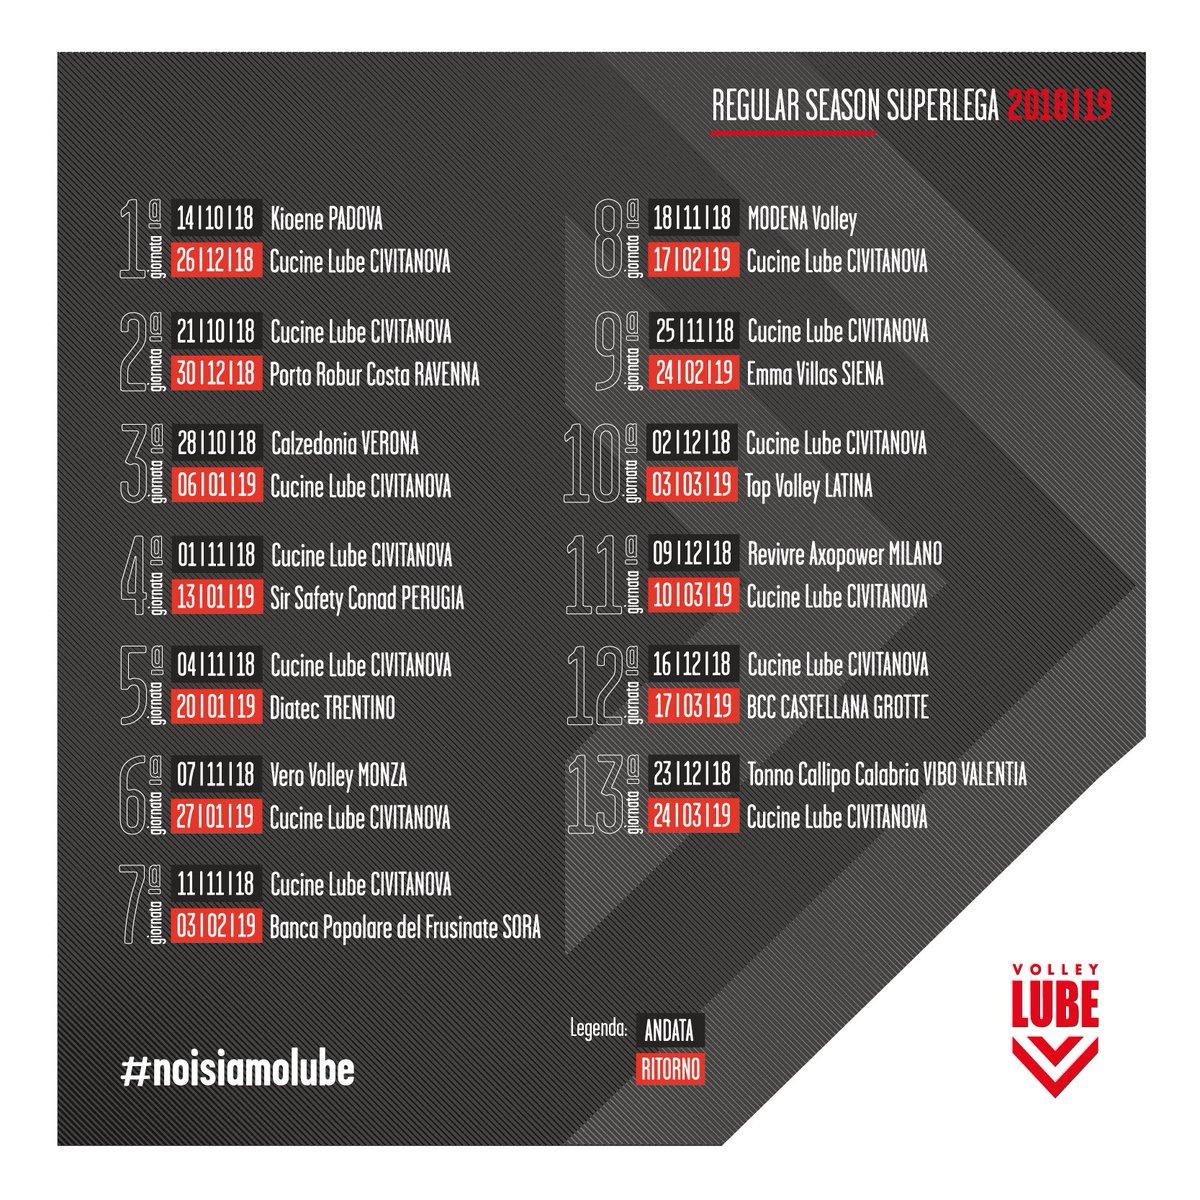 Lube Volley Calendario.A S Volley Lube Civitanova On Twitter Il Calendario